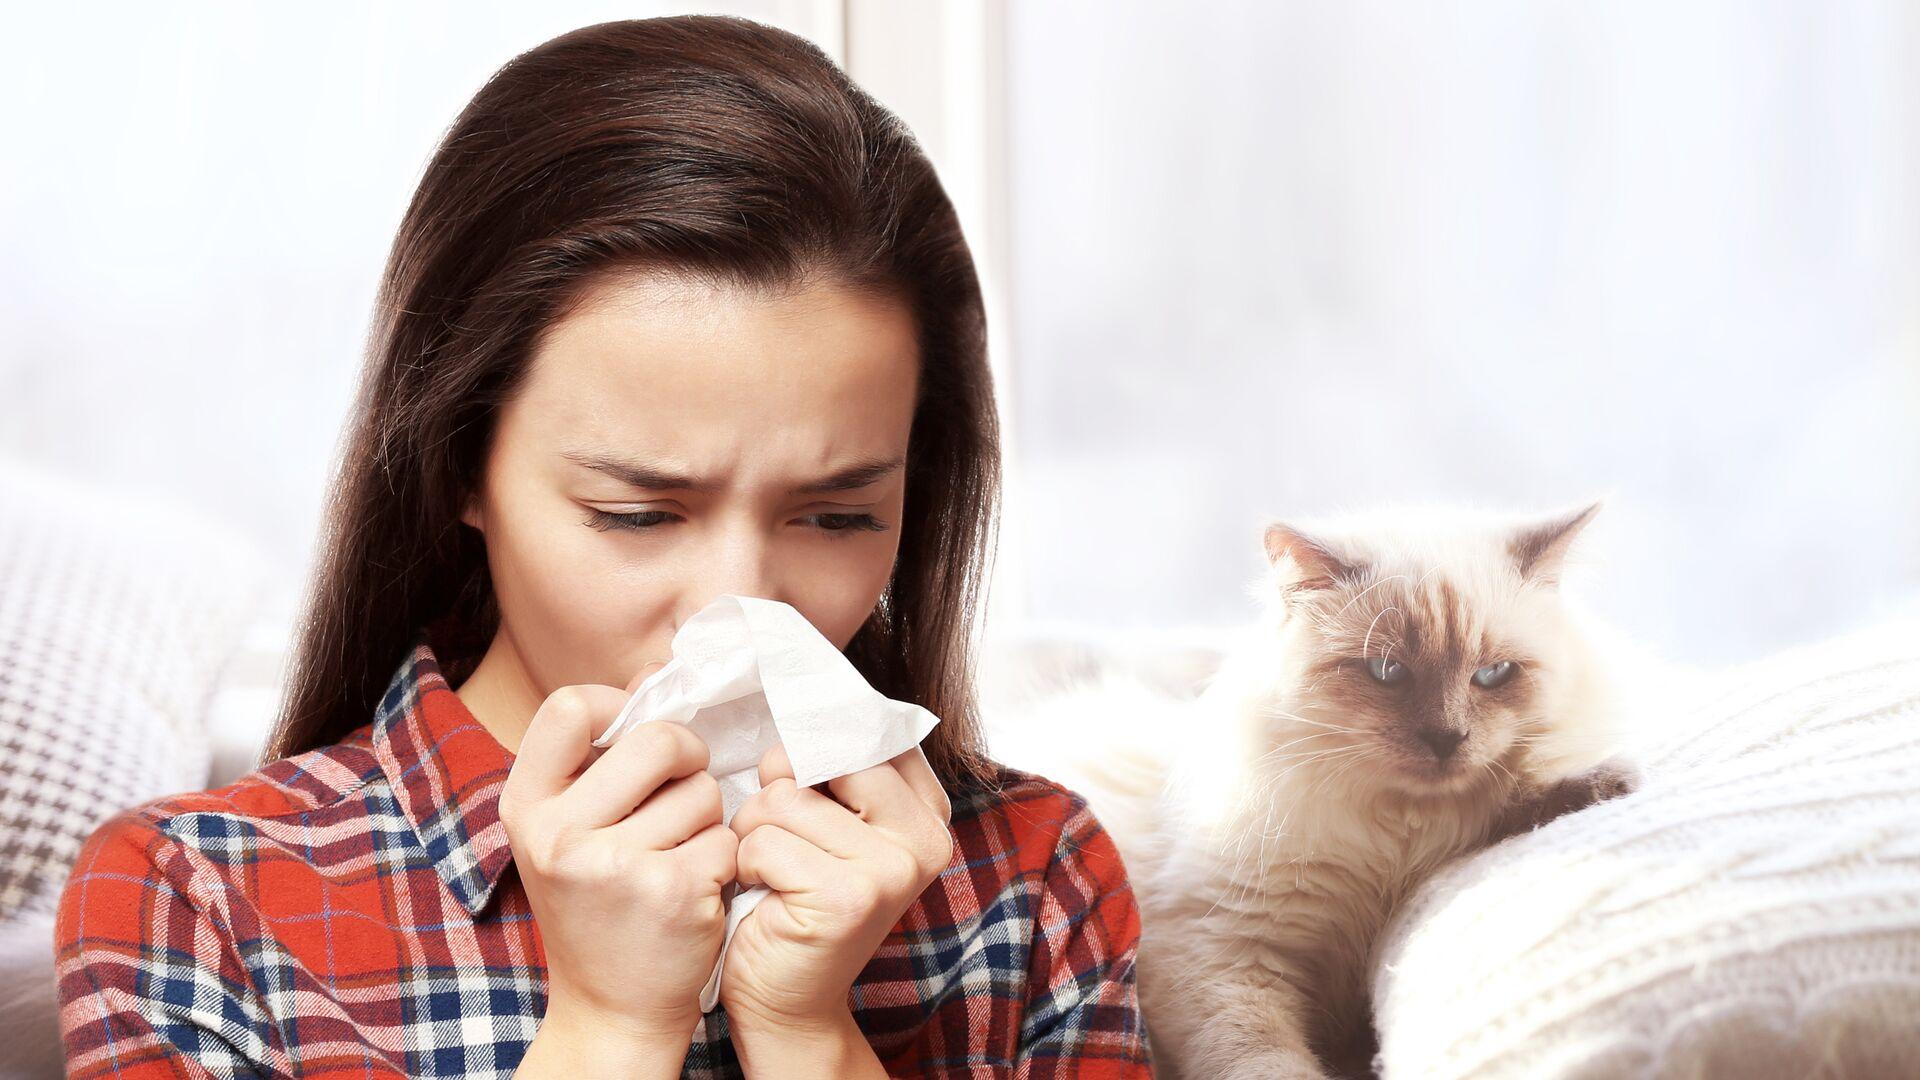 Девушка с аллергией на кошек - РИА Новости, 1920, 19.11.2020